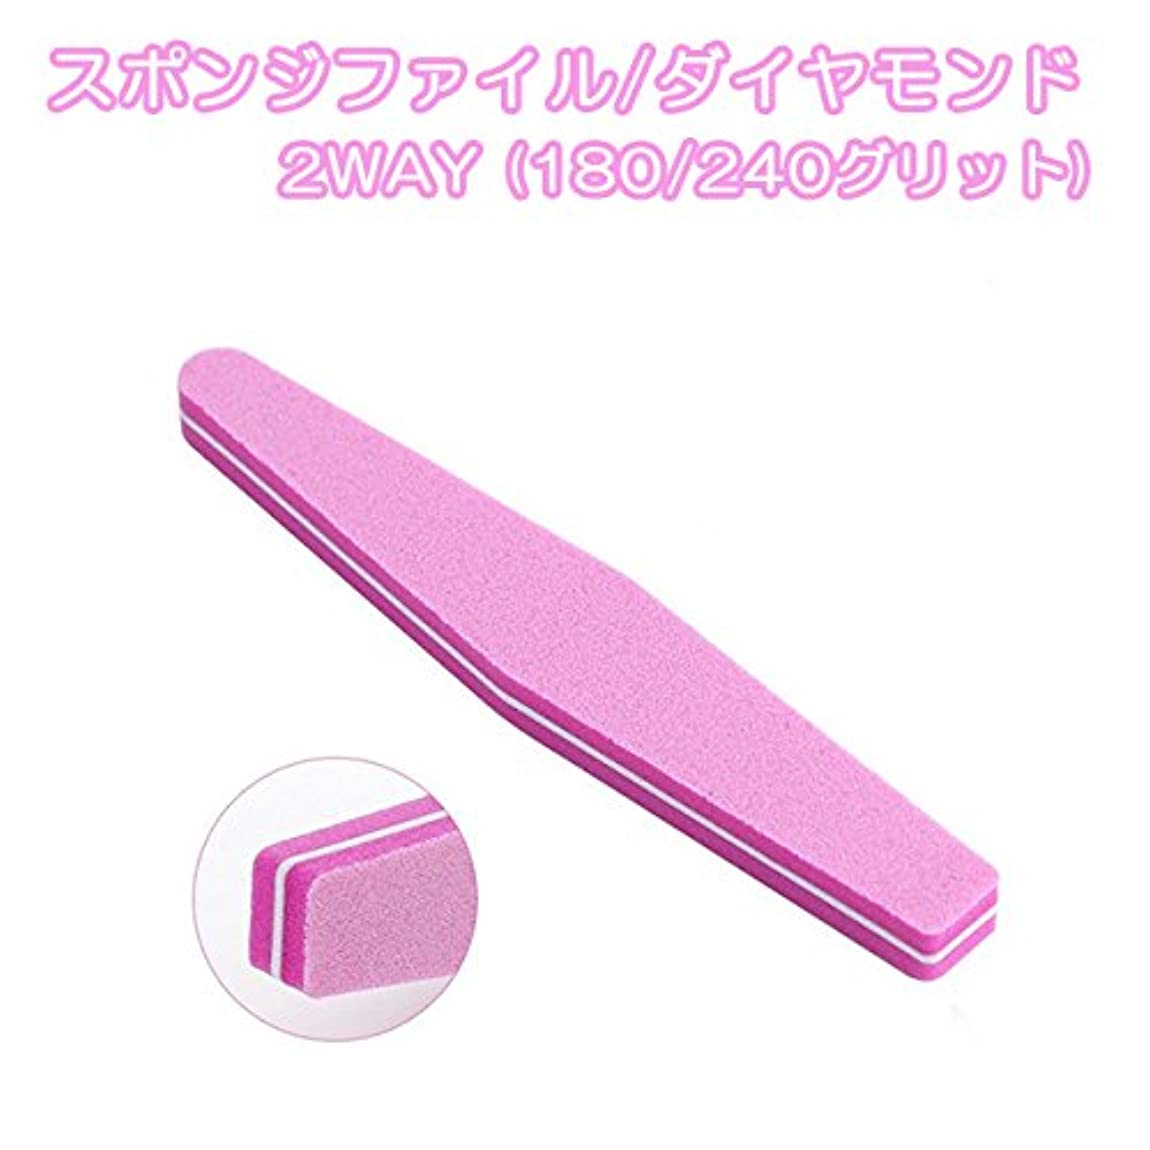 救援読みやすさピンクスポンジファイル220/240